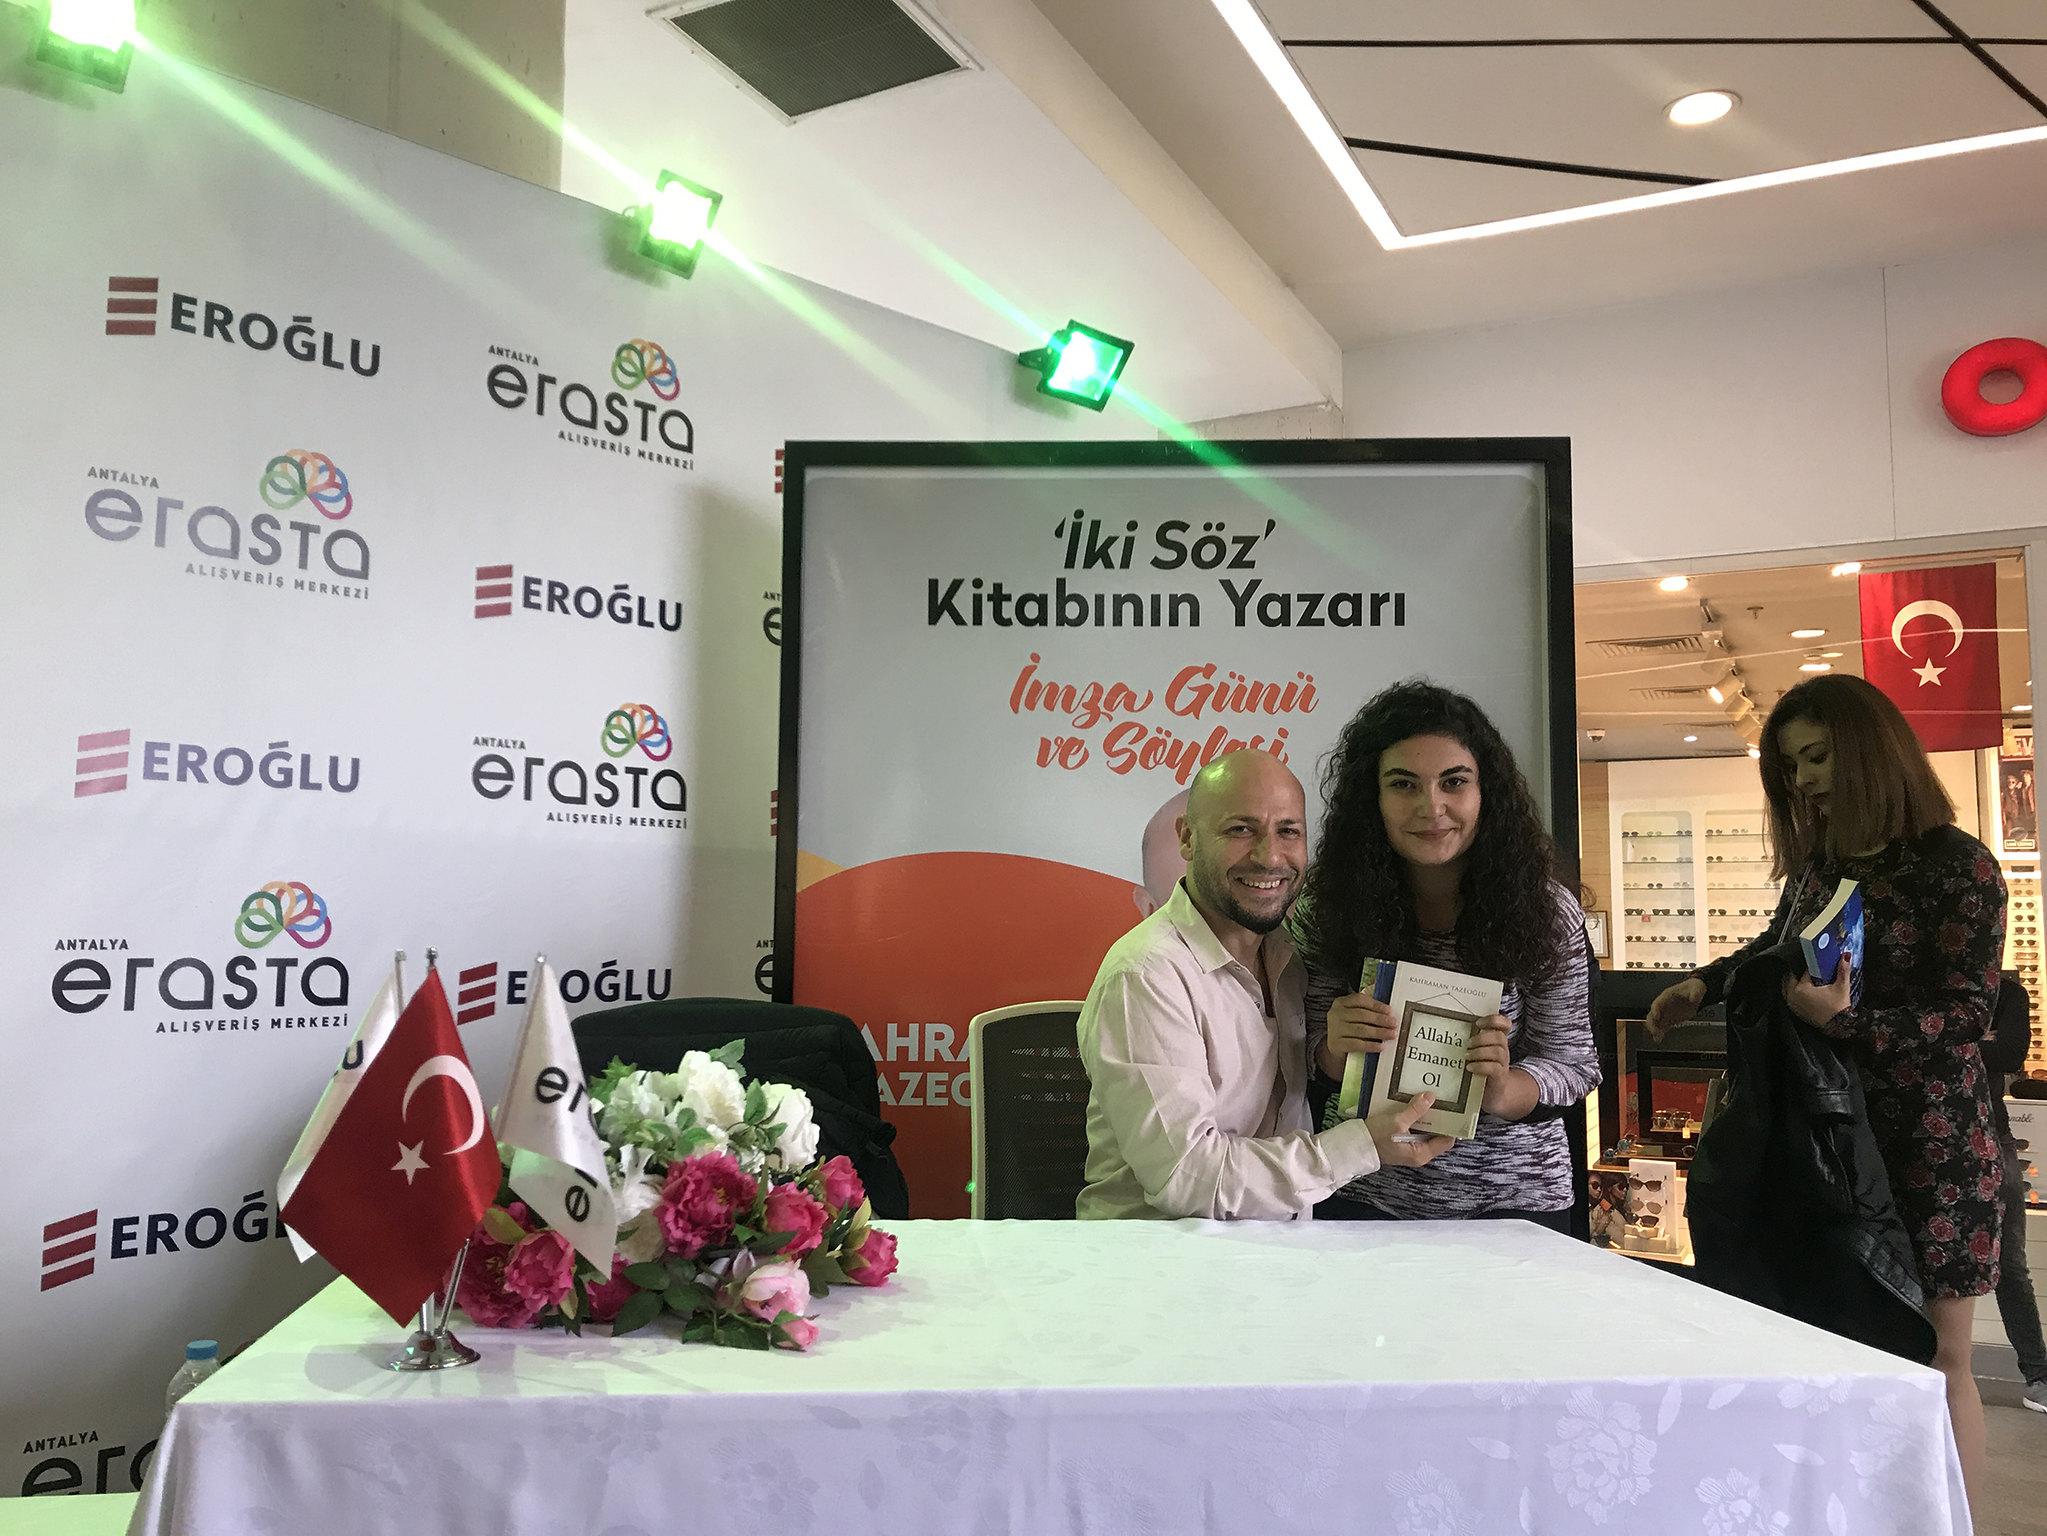 Antalya Erasta (2)